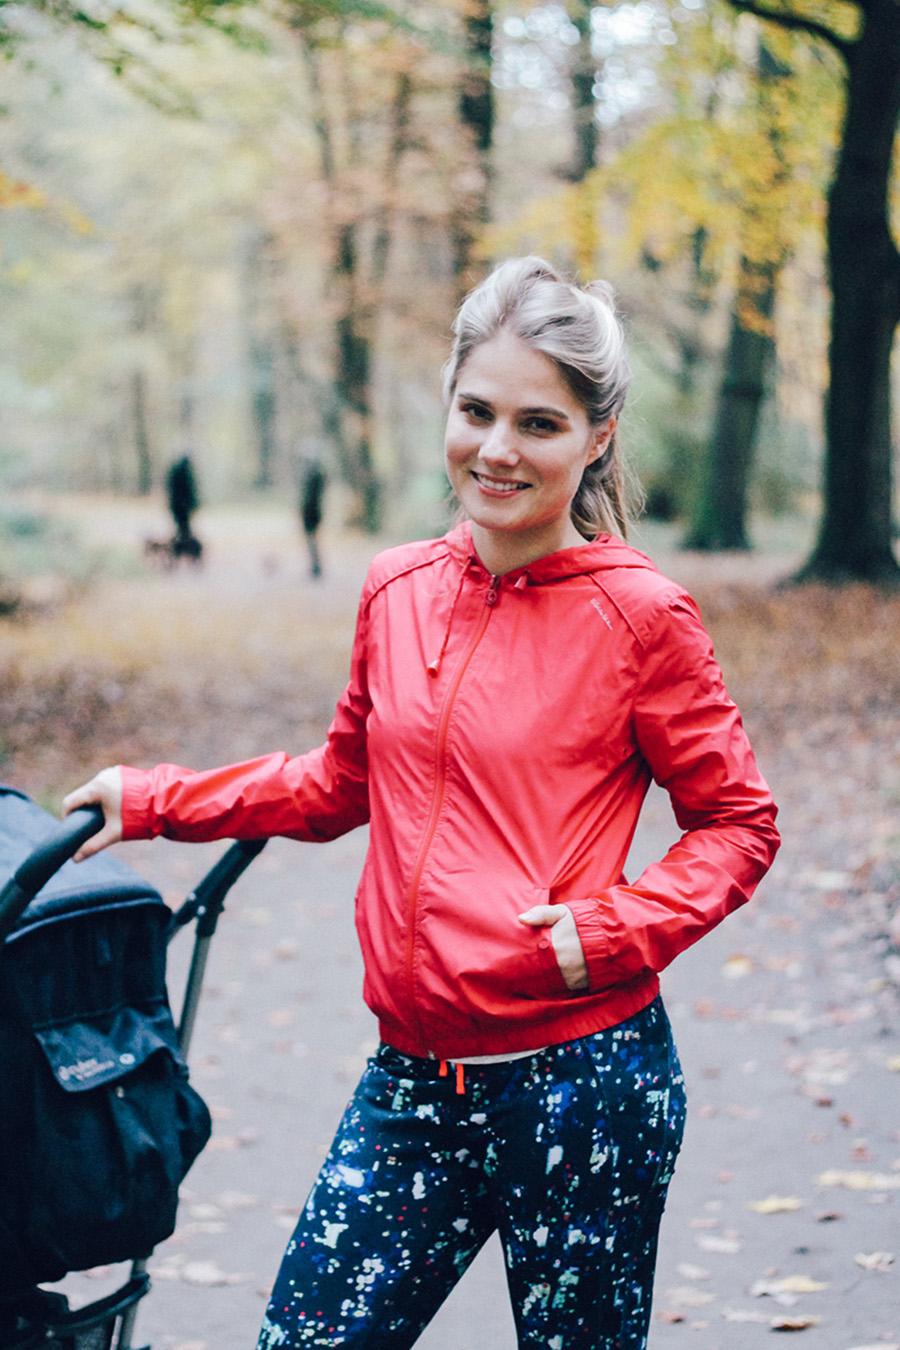 Pseudo-Sport im USA-Stil: Sportklamotte an und spazieren – am besten zum nächsten Café und Kuchendate. Das muss sich ändern!